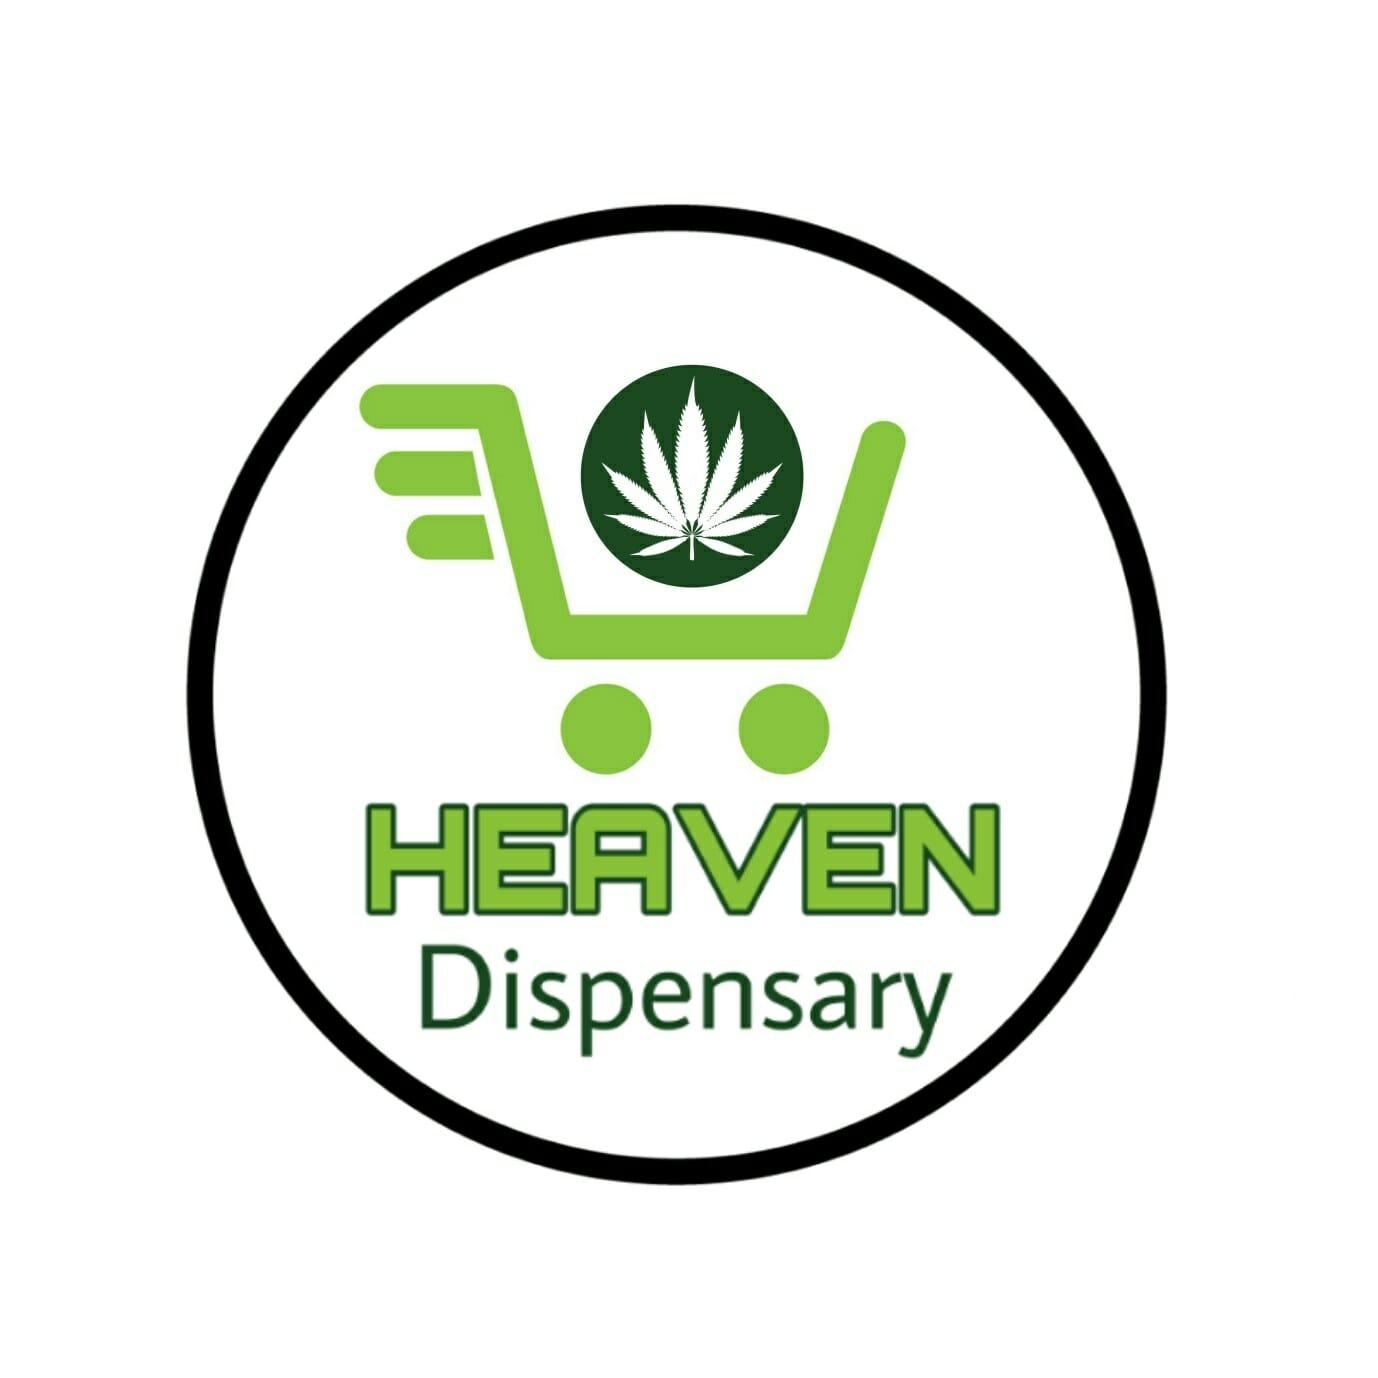 HeavenDispensary